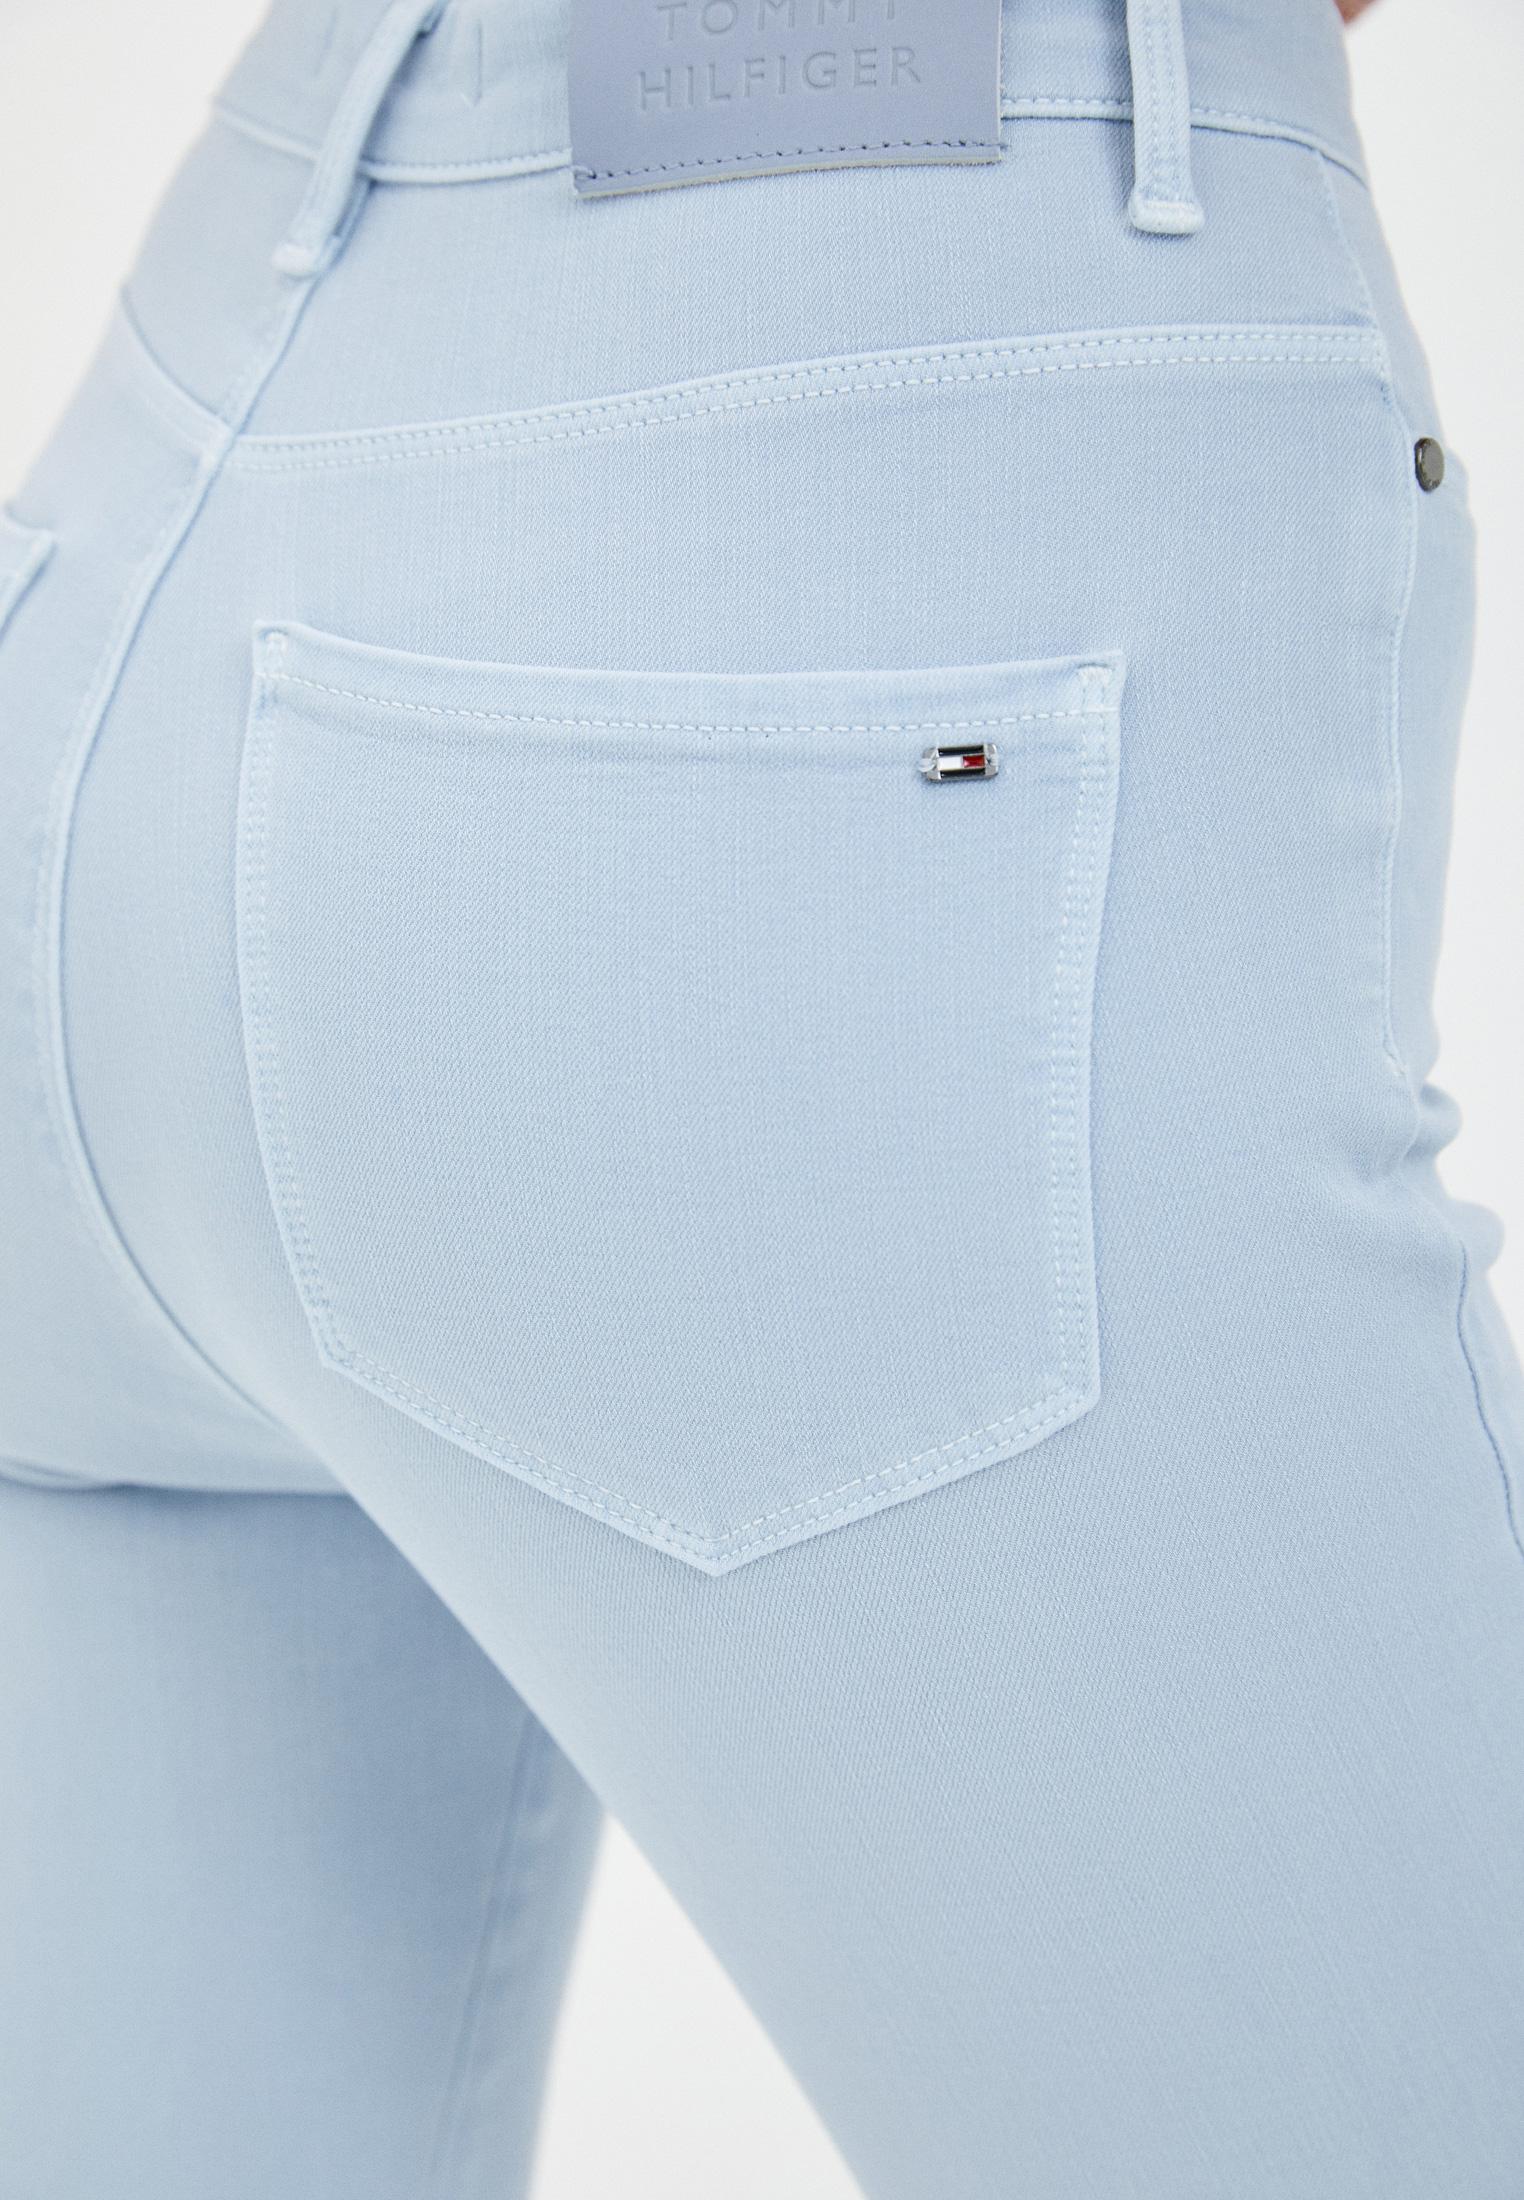 Зауженные джинсы Tommy Hilfiger (Томми Хилфигер) WW0WW31267: изображение 4